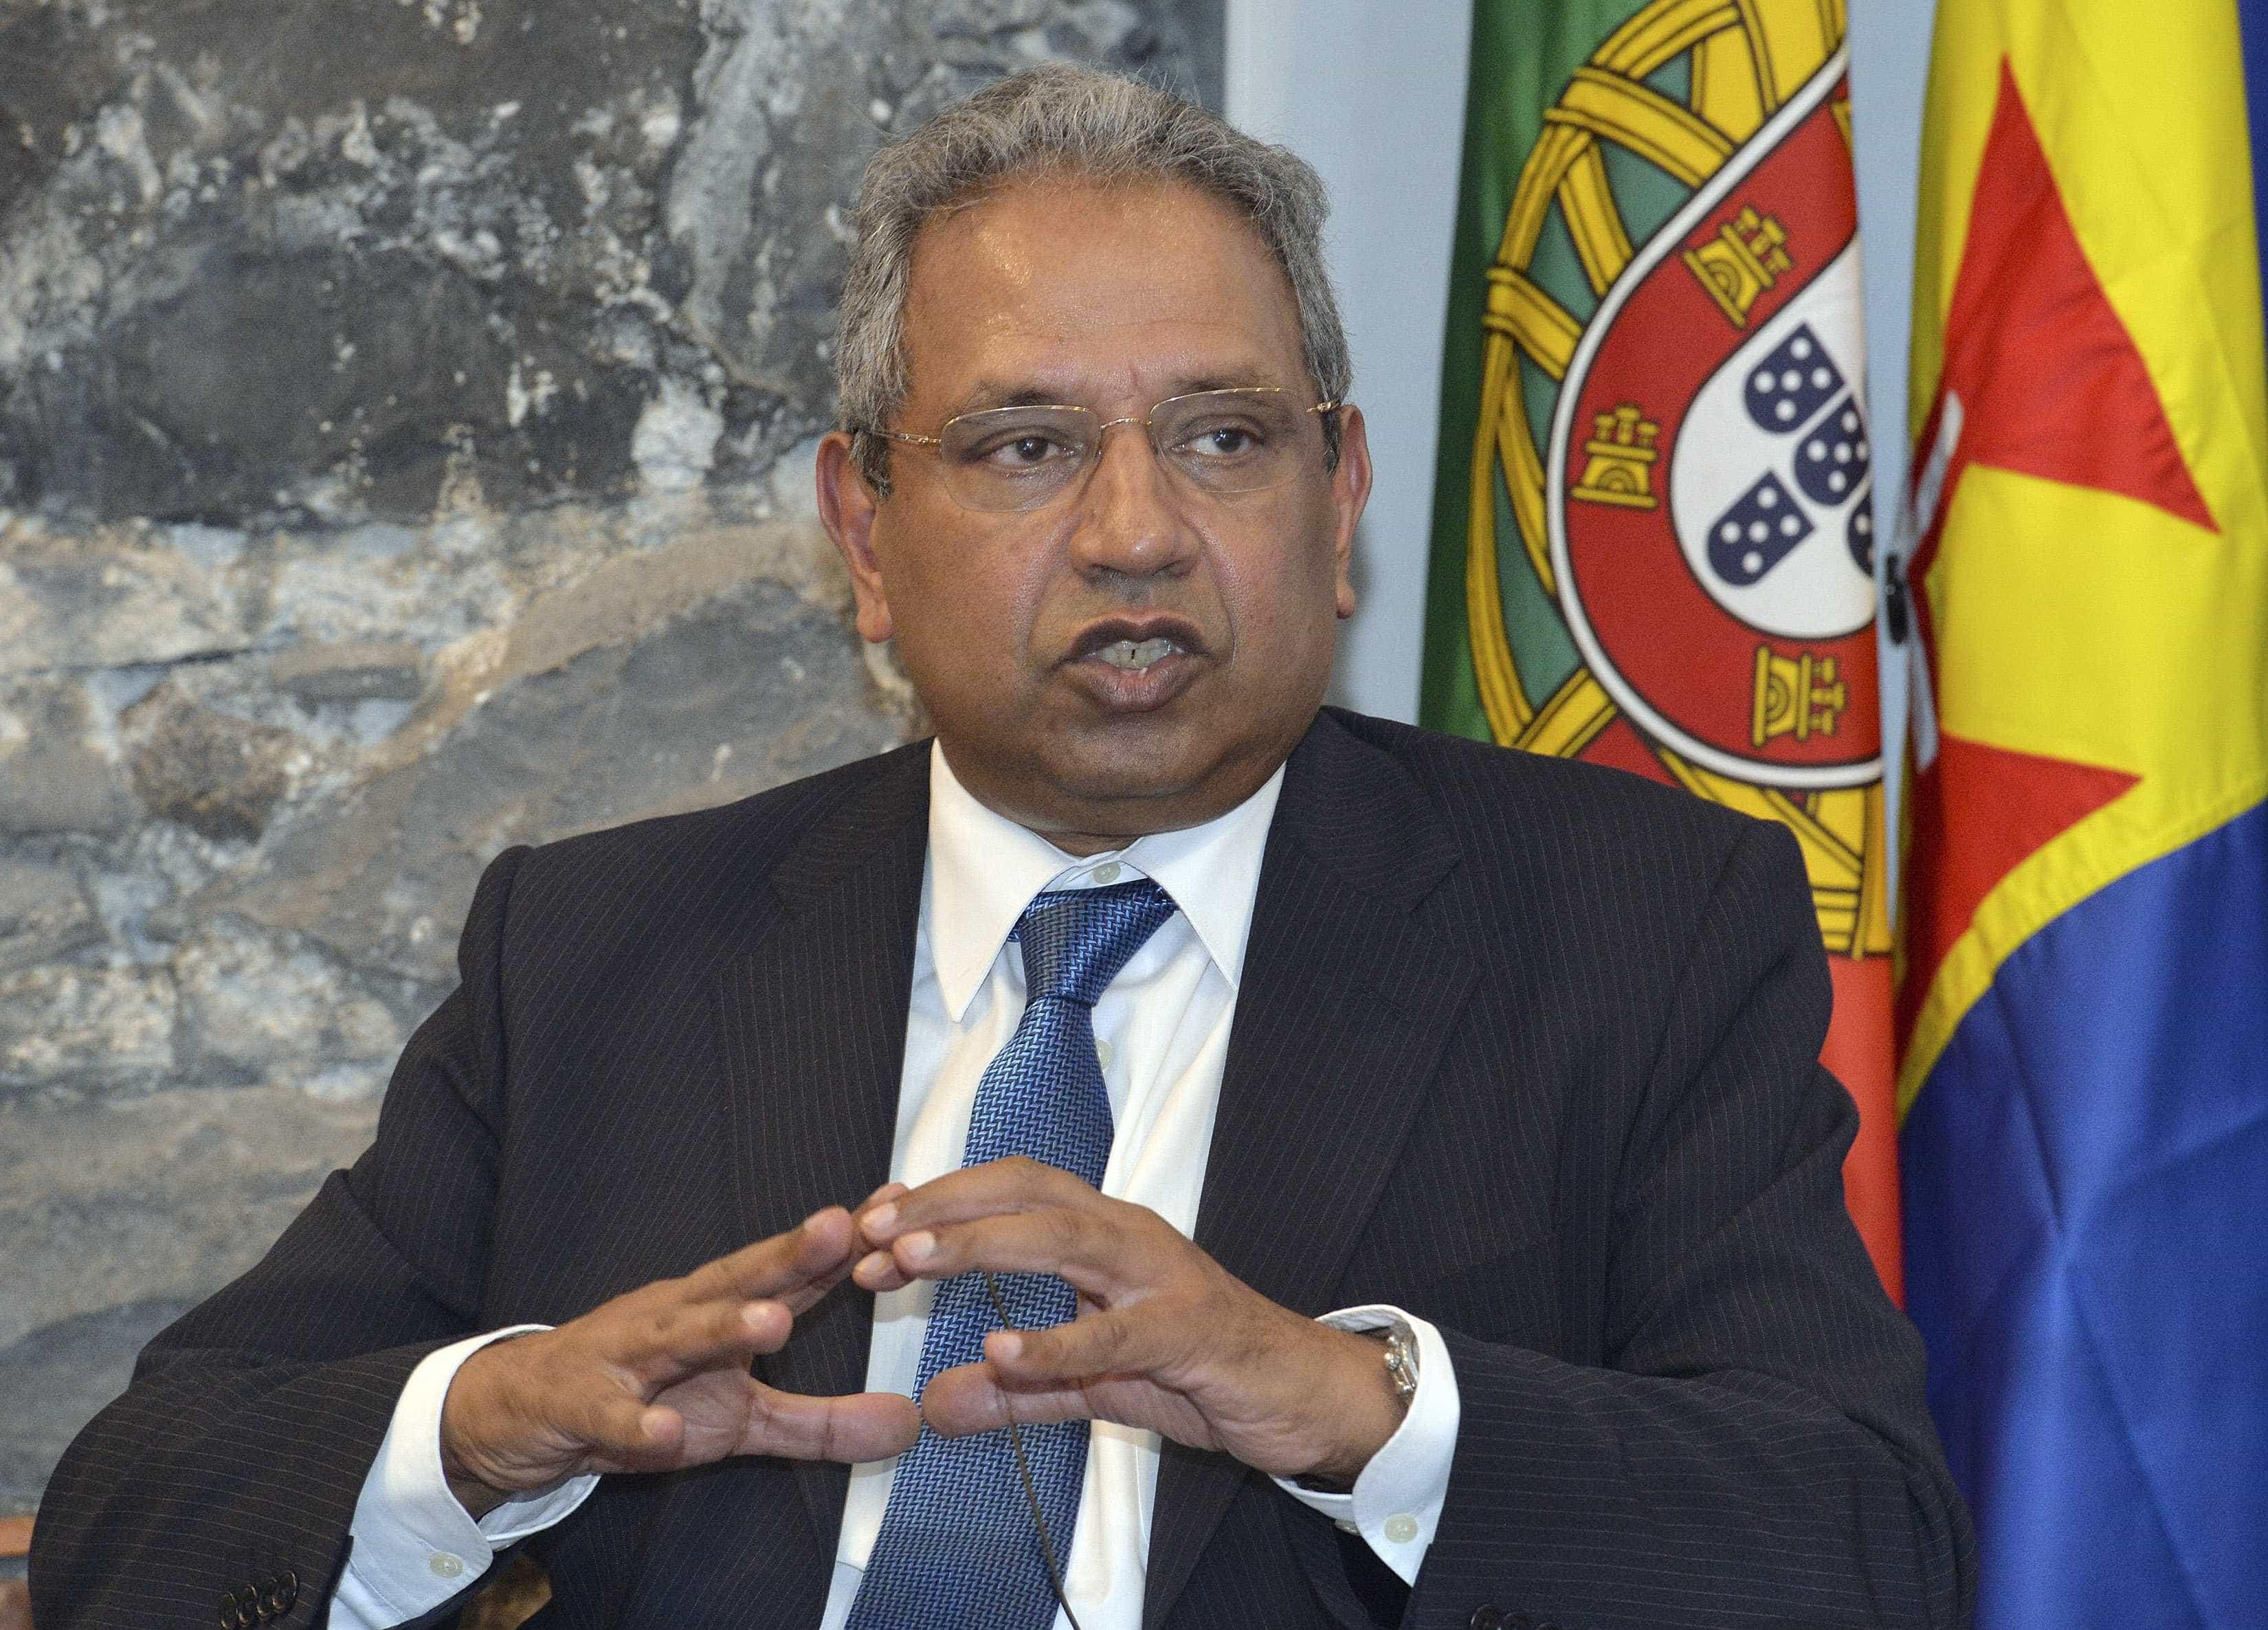 """Ministro: País está no """"pelotão da frente"""" na execução de fundos europeus"""